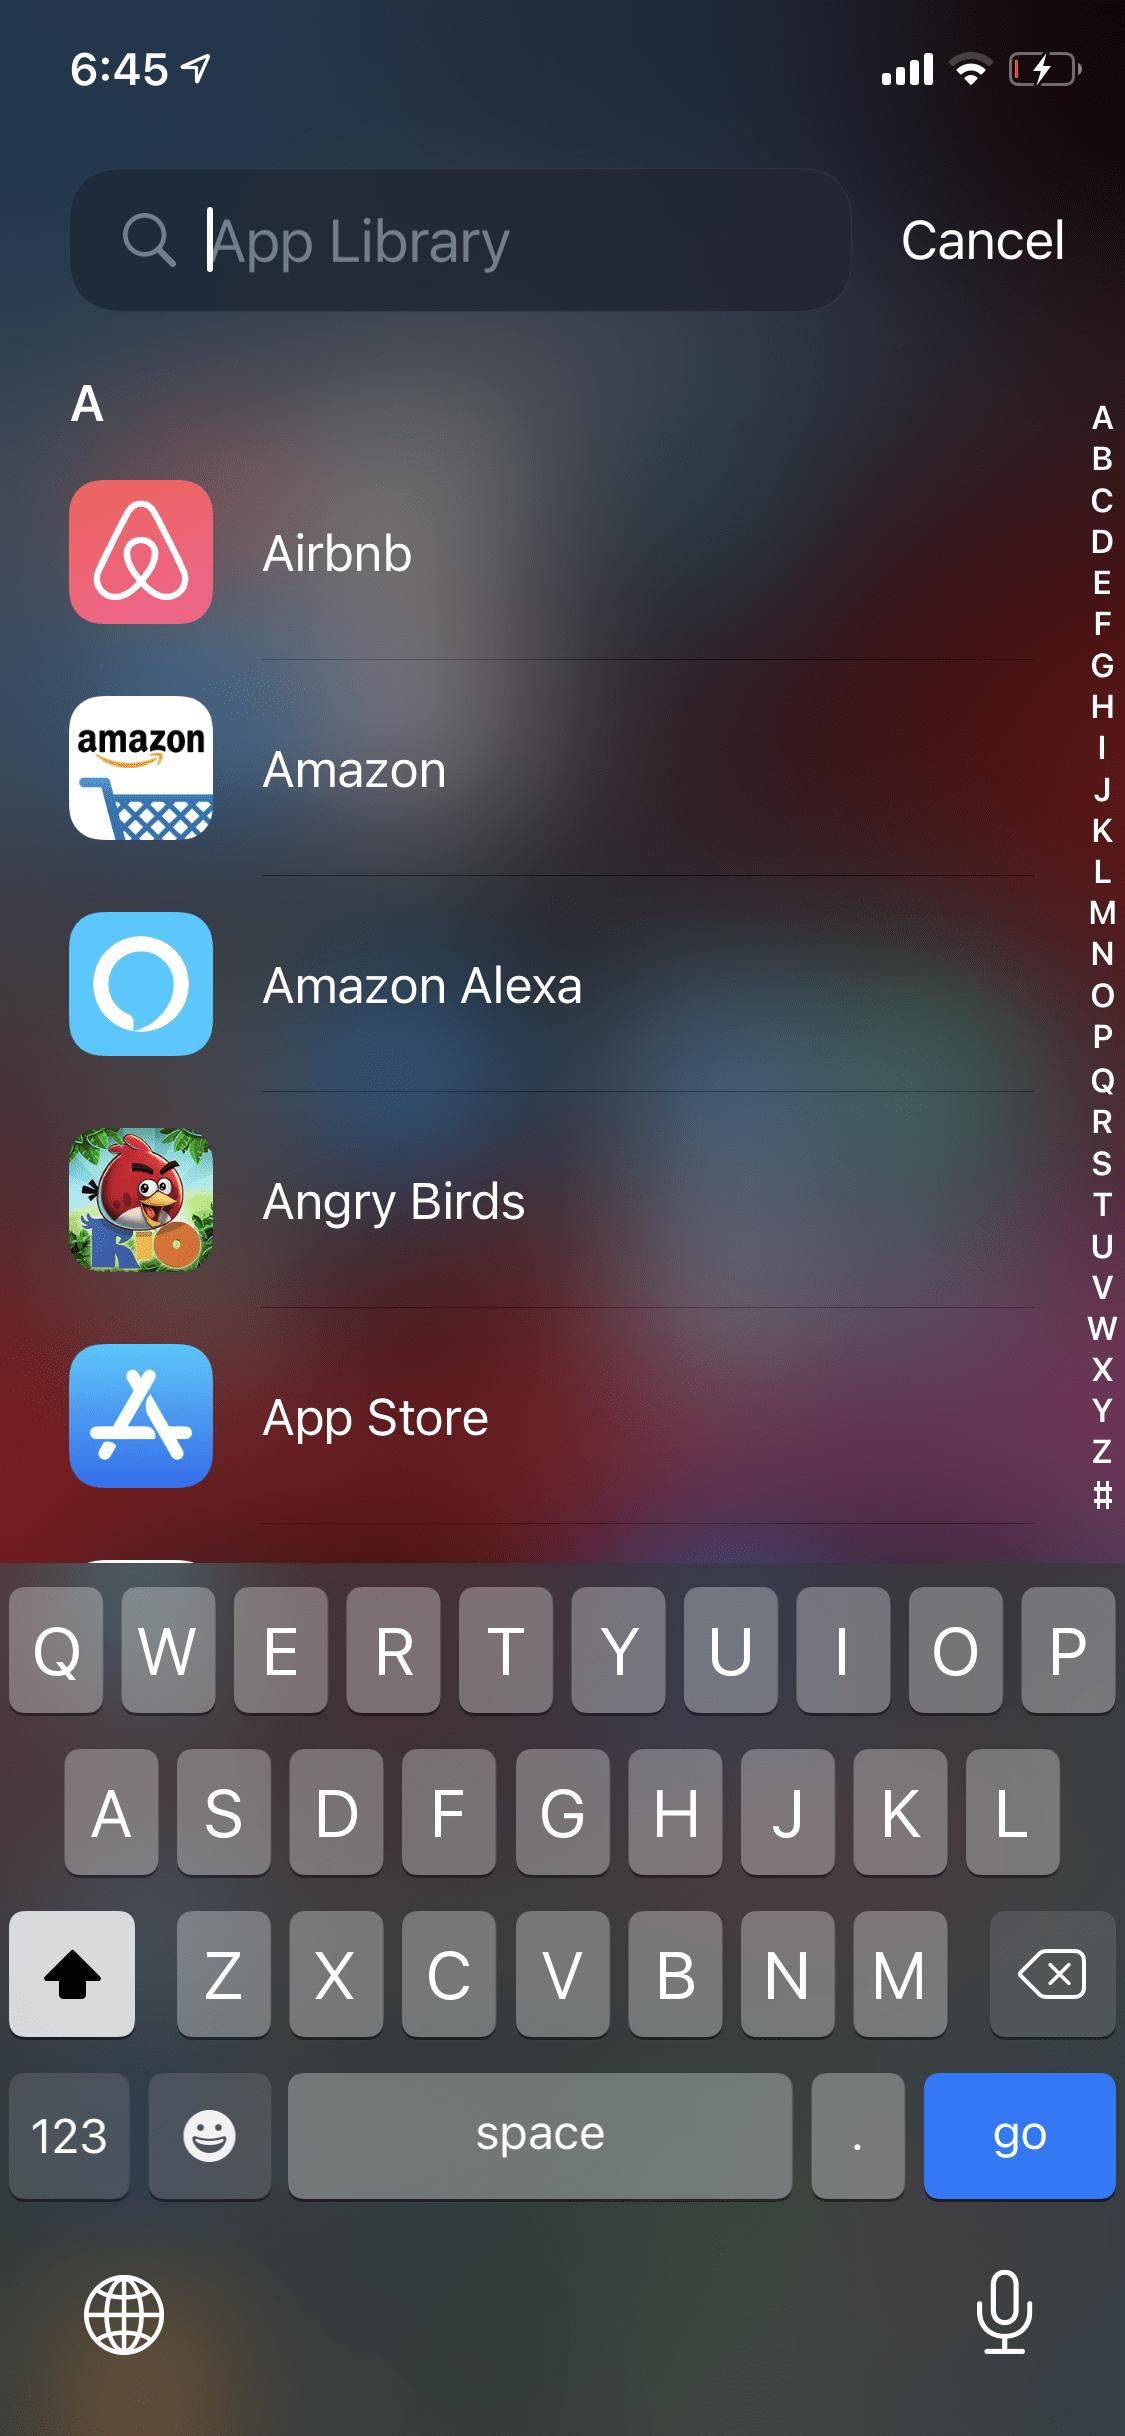 Apple iOS 14 App Library